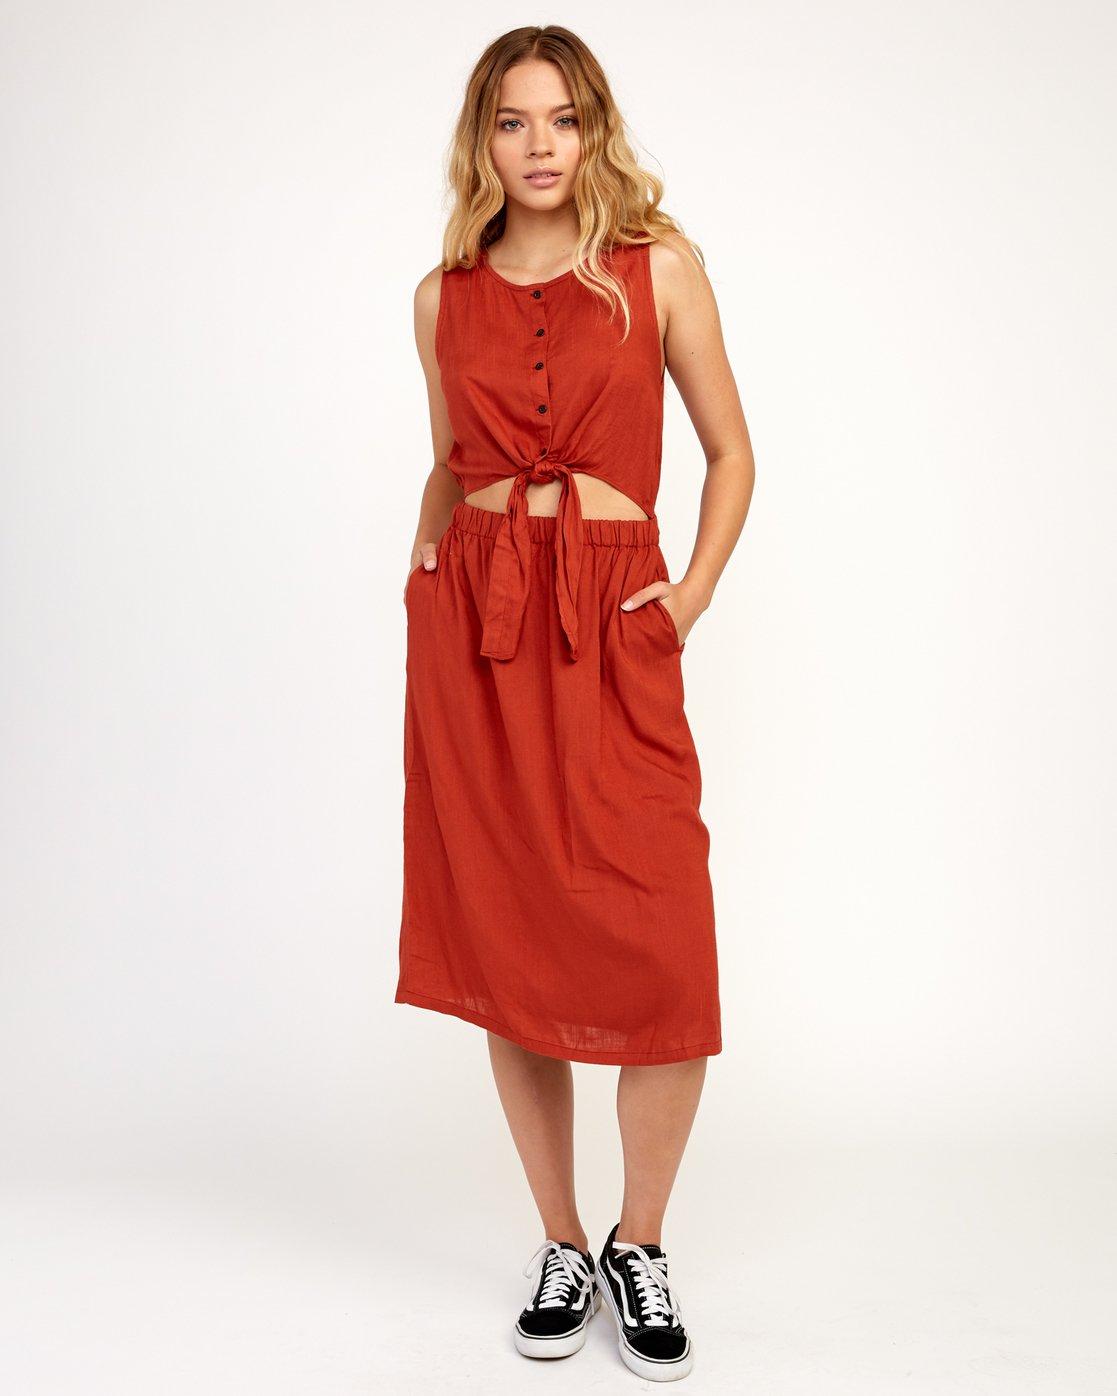 0 Arizona Woven Midi Dress Red WD16TRAR RVCA